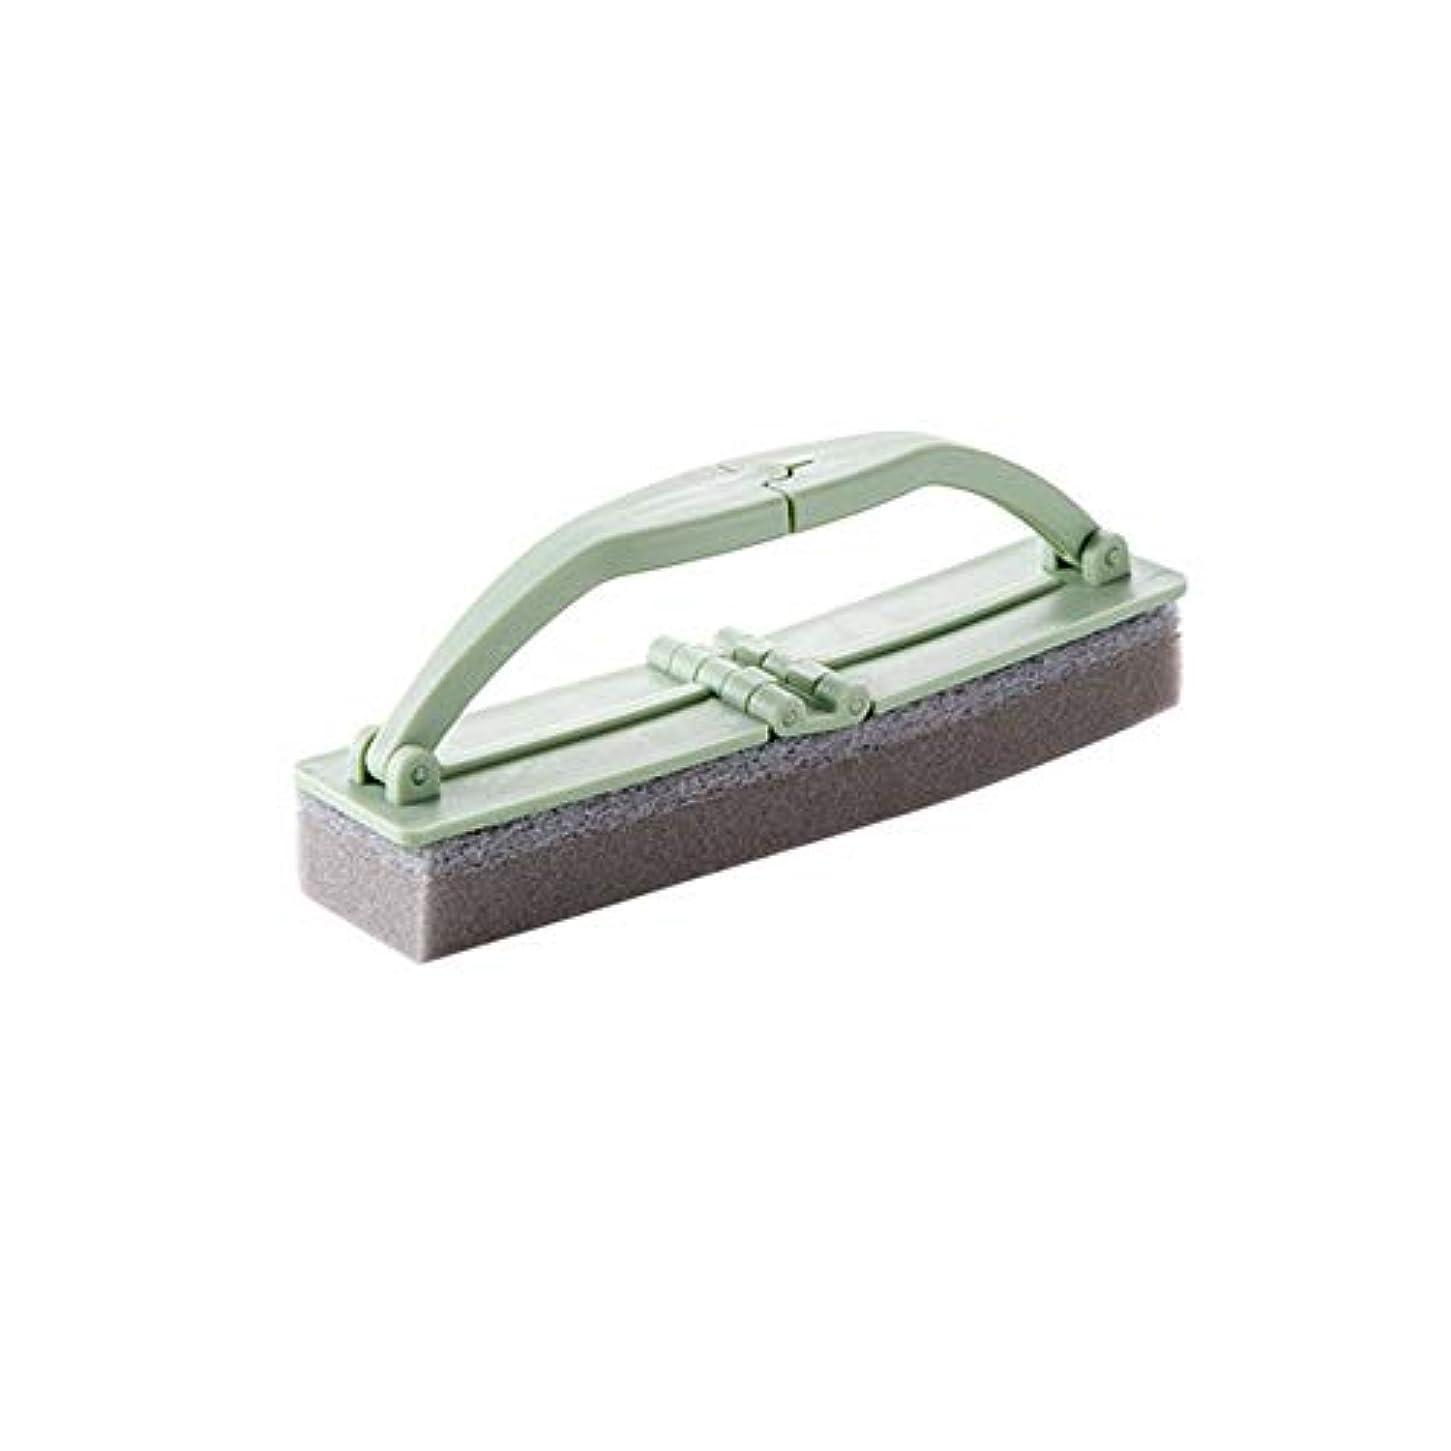 重要な用心タッチポアクリーニング 折りたたみ式の浴室スポンジハンドル付き強力な汚染除去タイルクリーニングスポンジブラシ2 PCS マッサージブラシ (色 : 緑)